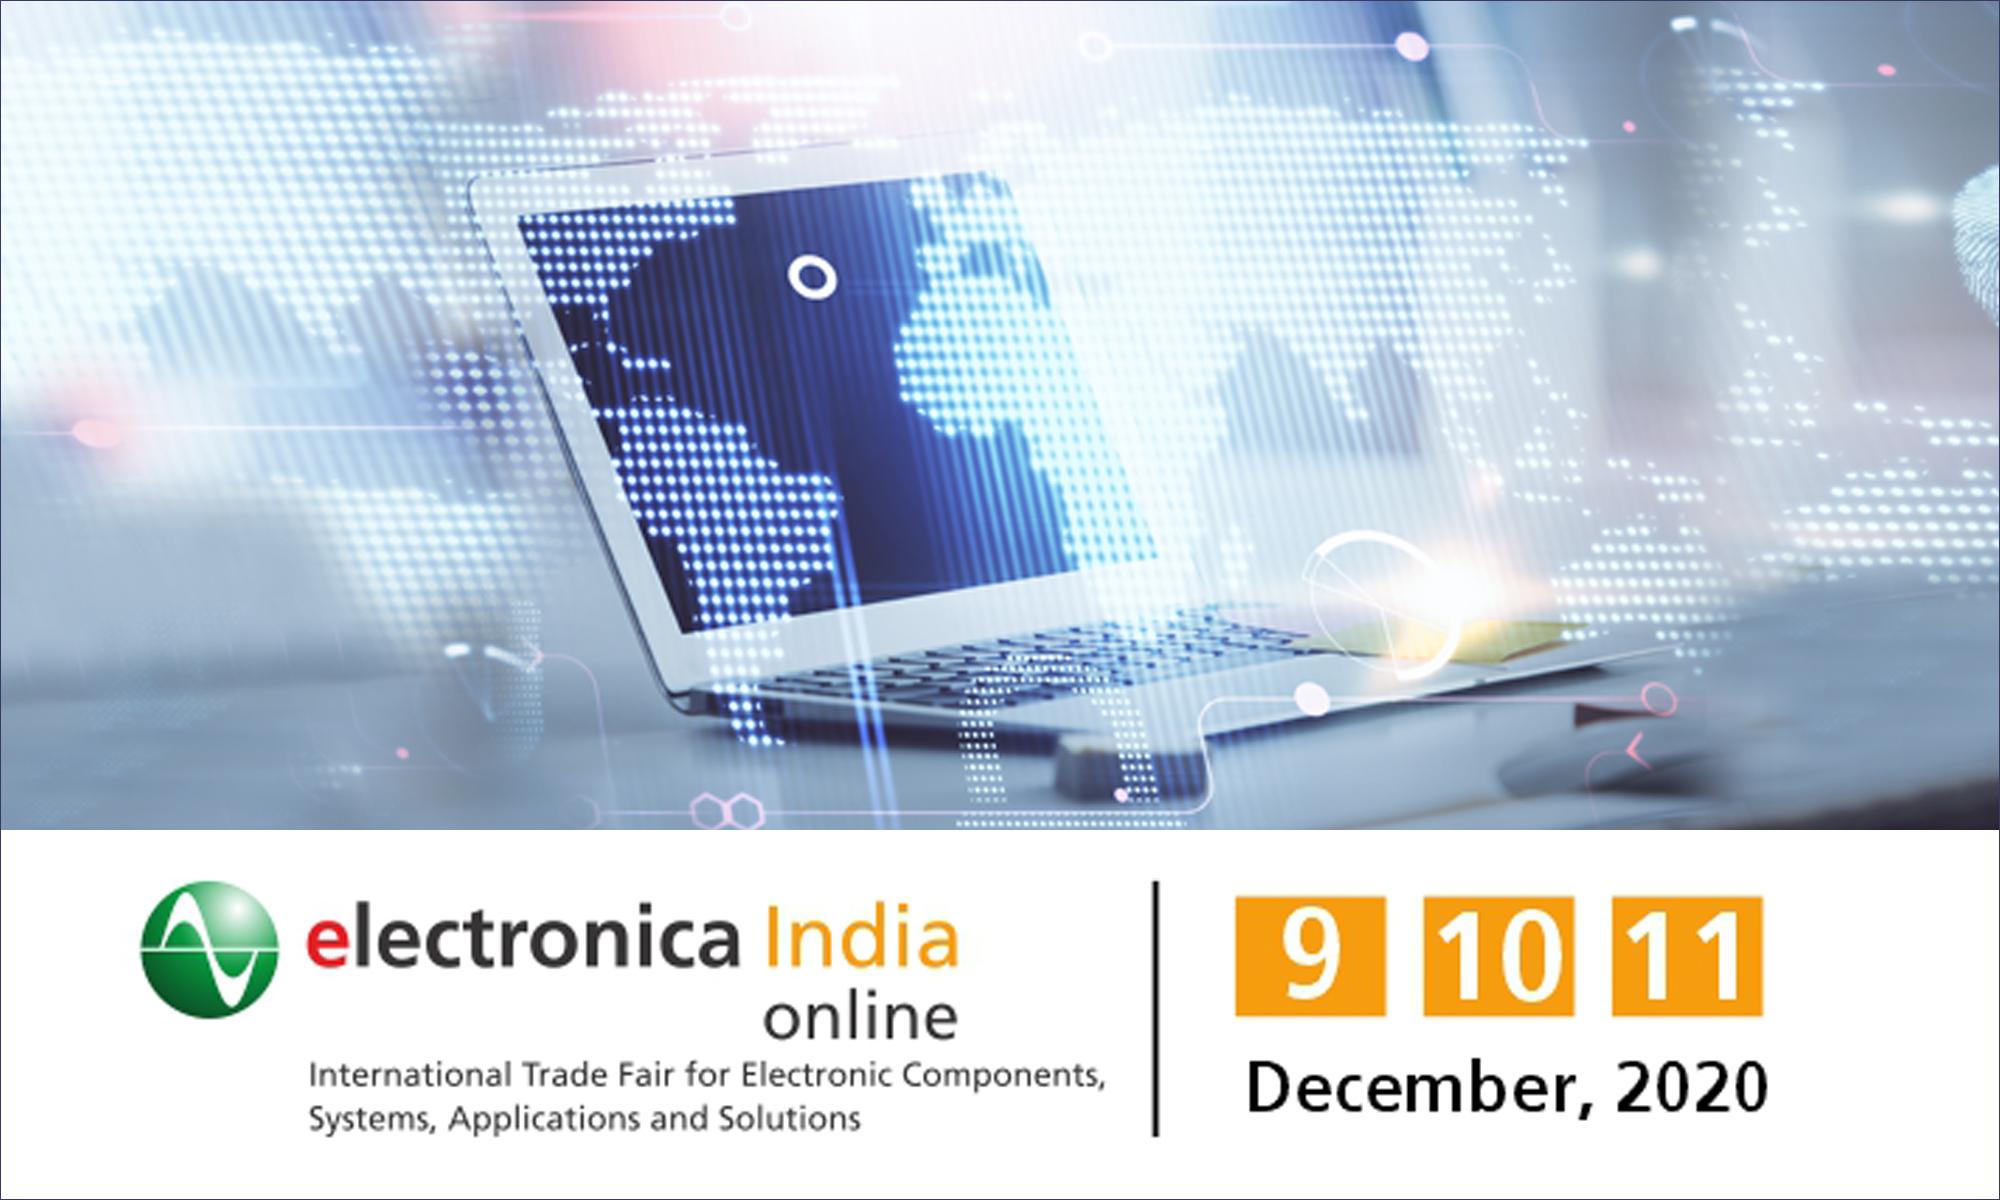 Contatta la TME durante la fiera Electronica India 2020